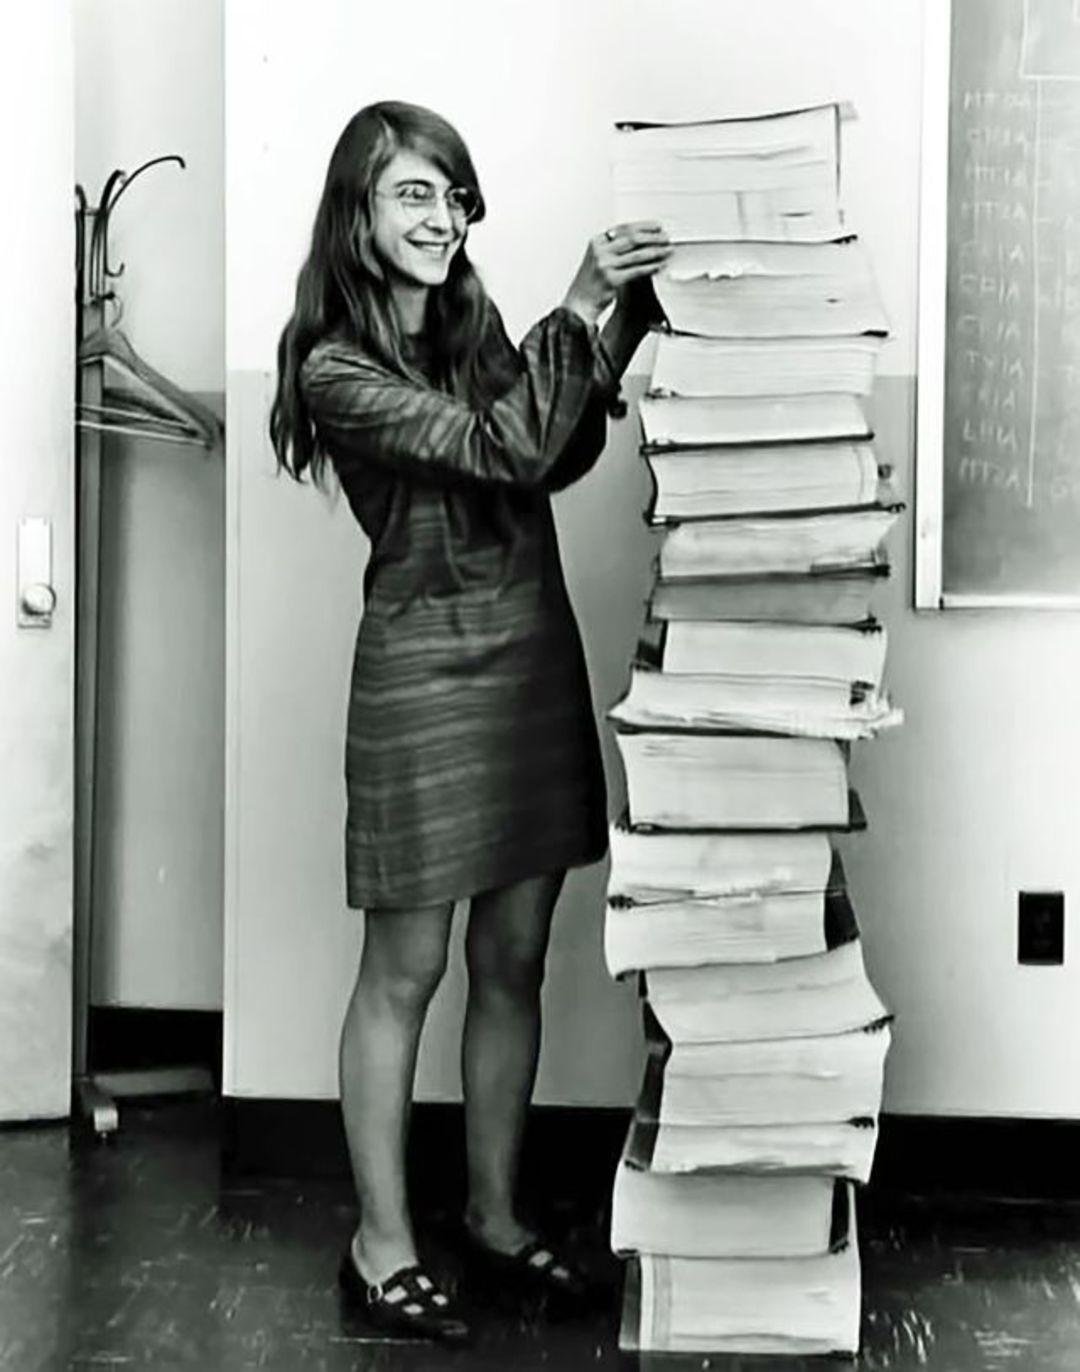 50 多年前的代码,就已经能让程序员看不懂了_智能_好奇心日报